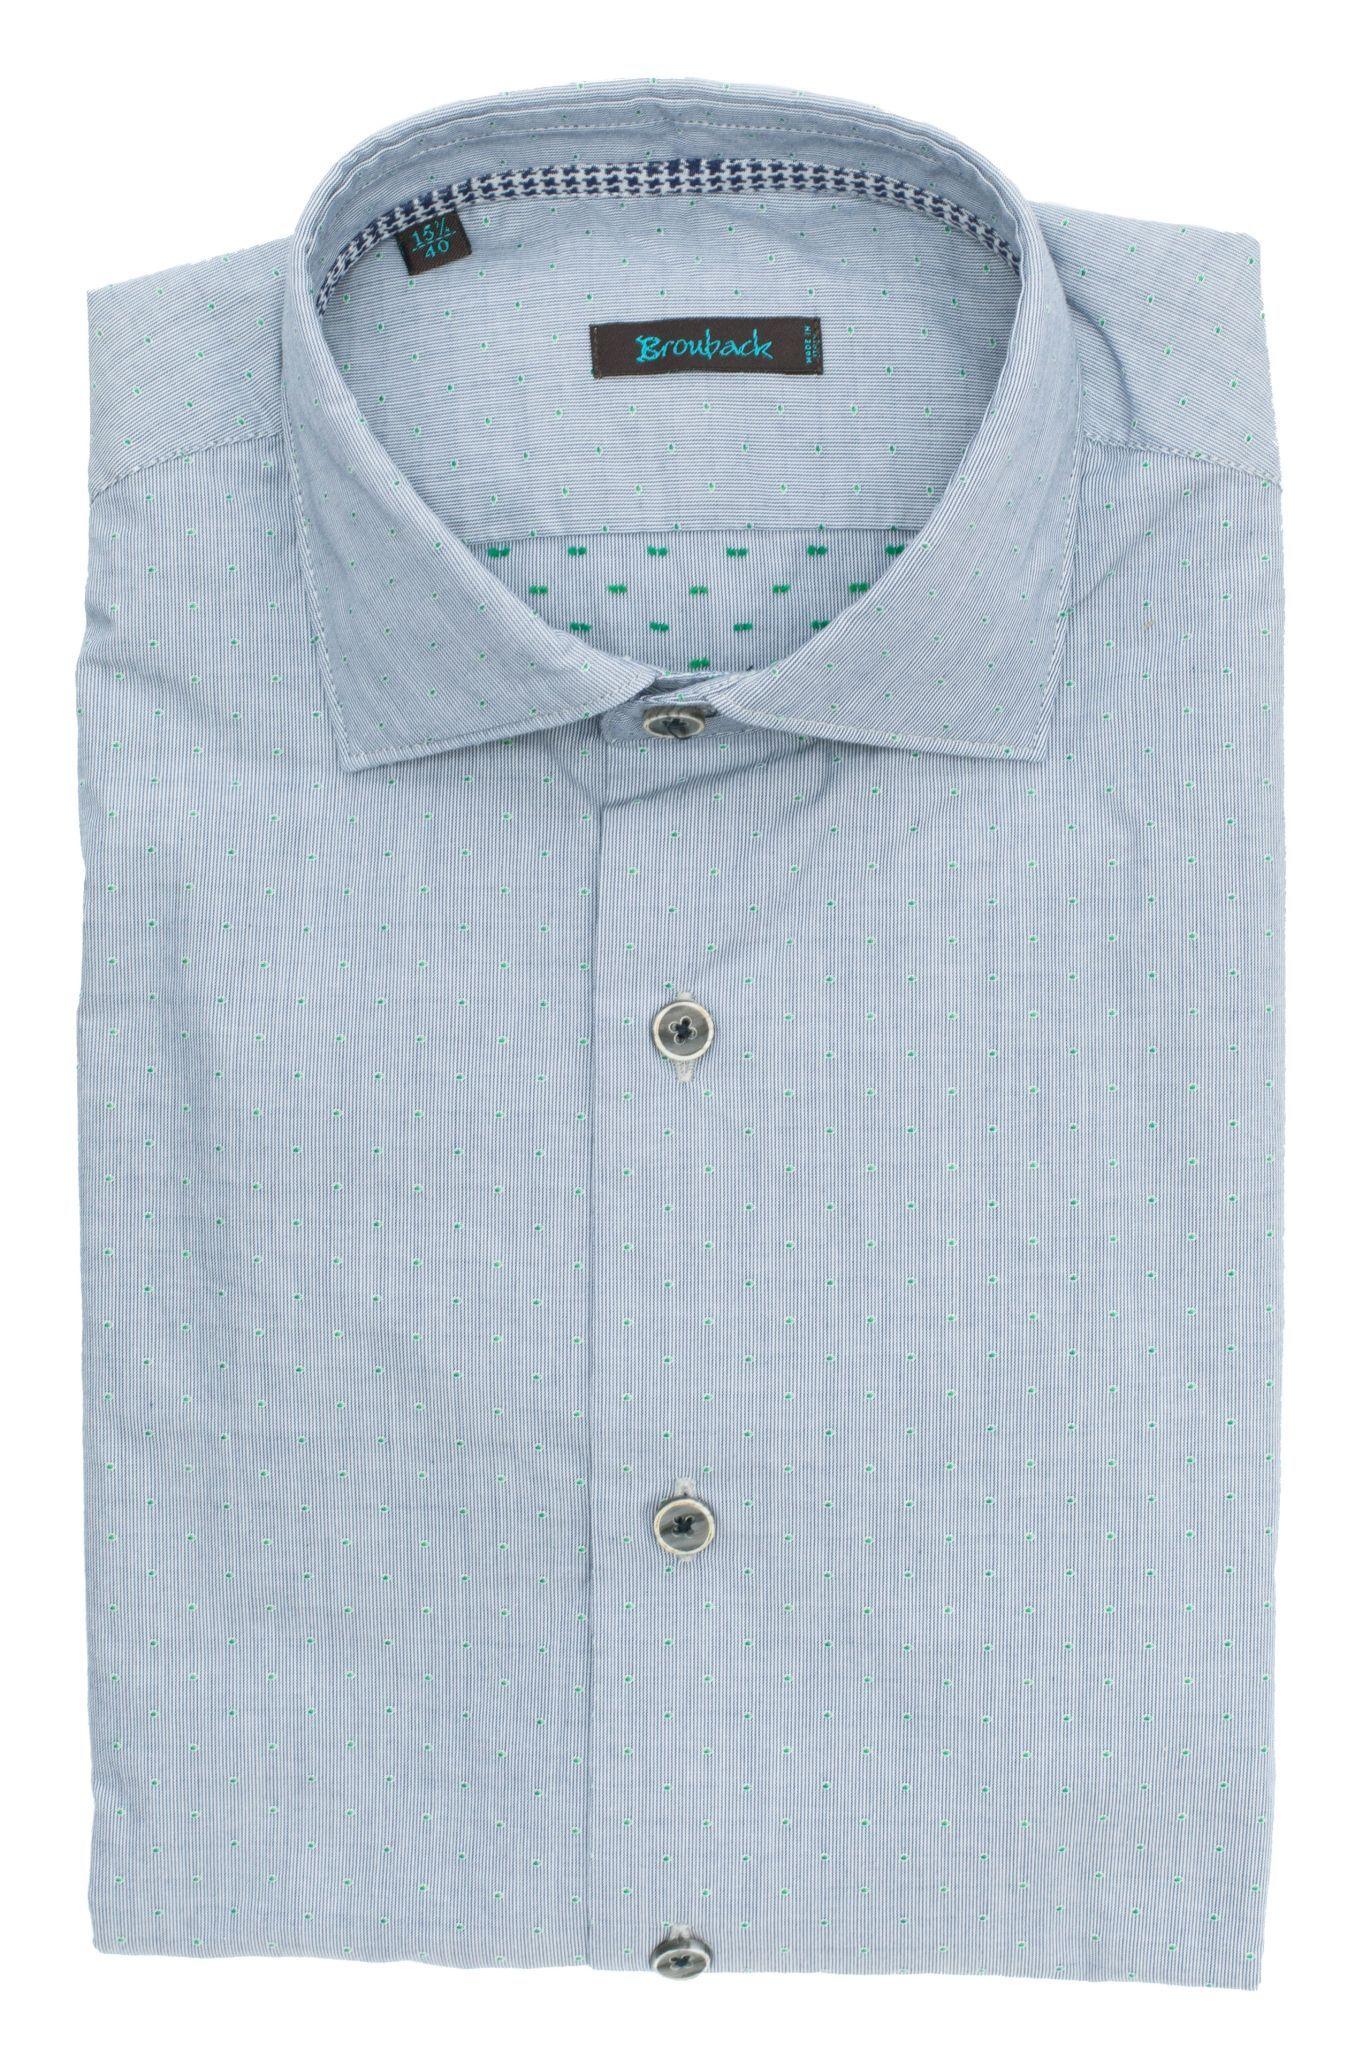 Светло-серая рубашка в мелкую полоску и с мелким зелёным рисунком